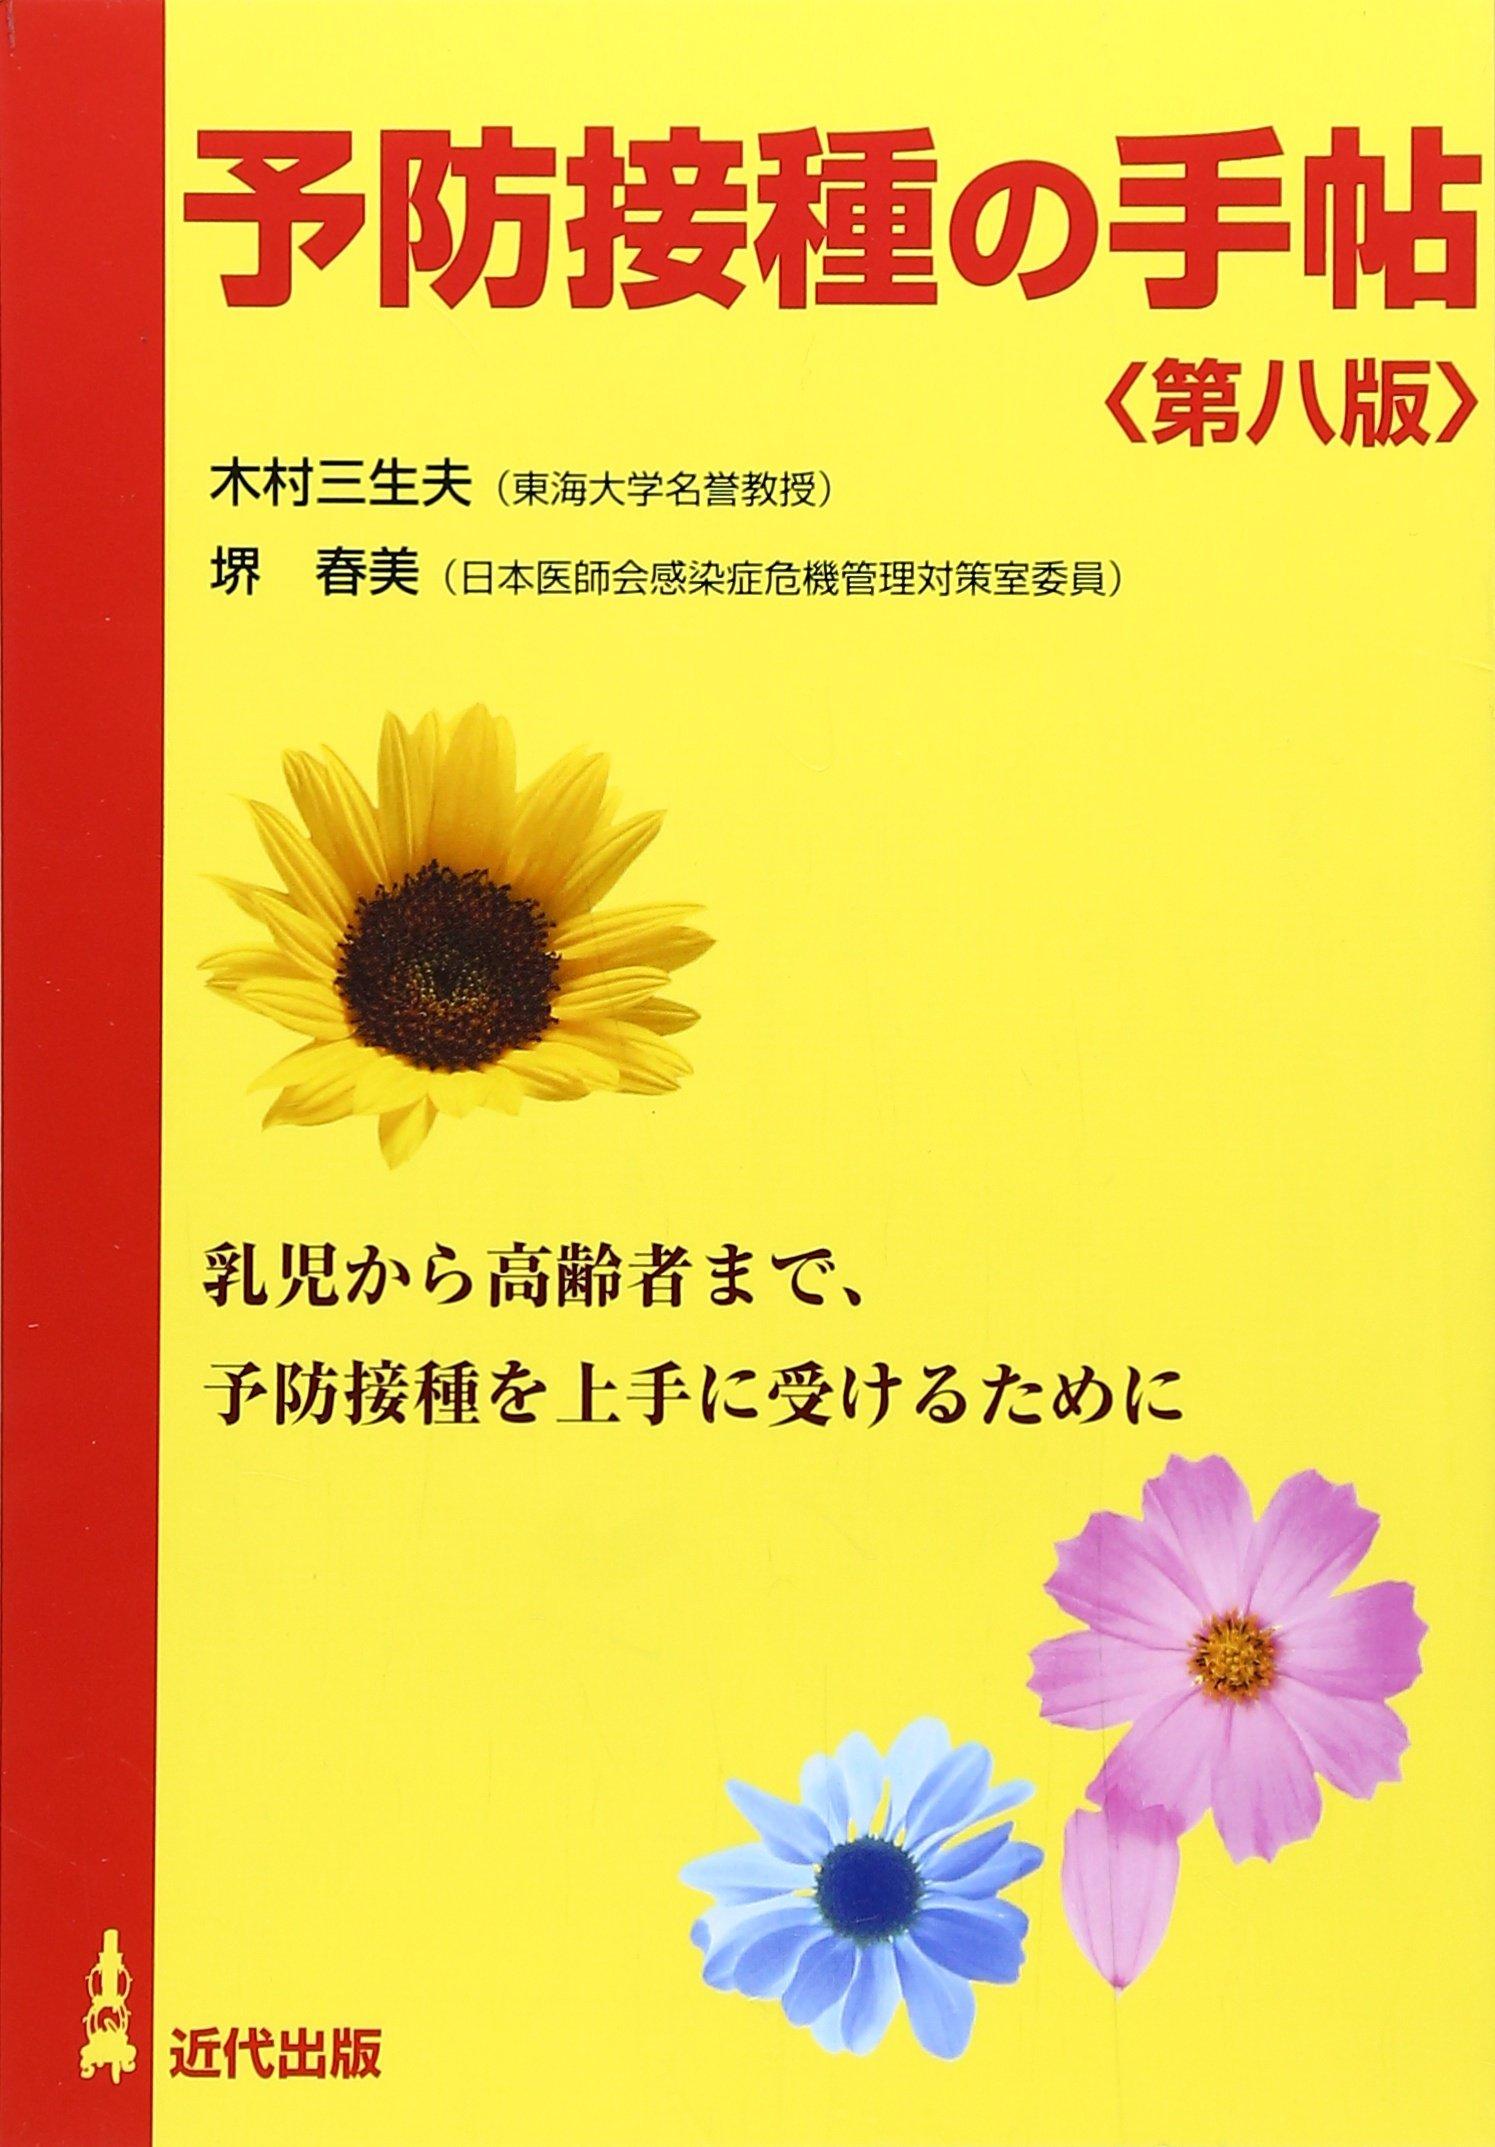 Yobō sesshu no techō : Nyūji kara kōreisha made yobō sesshu o jōzu ni ukeru tame ni pdf epub